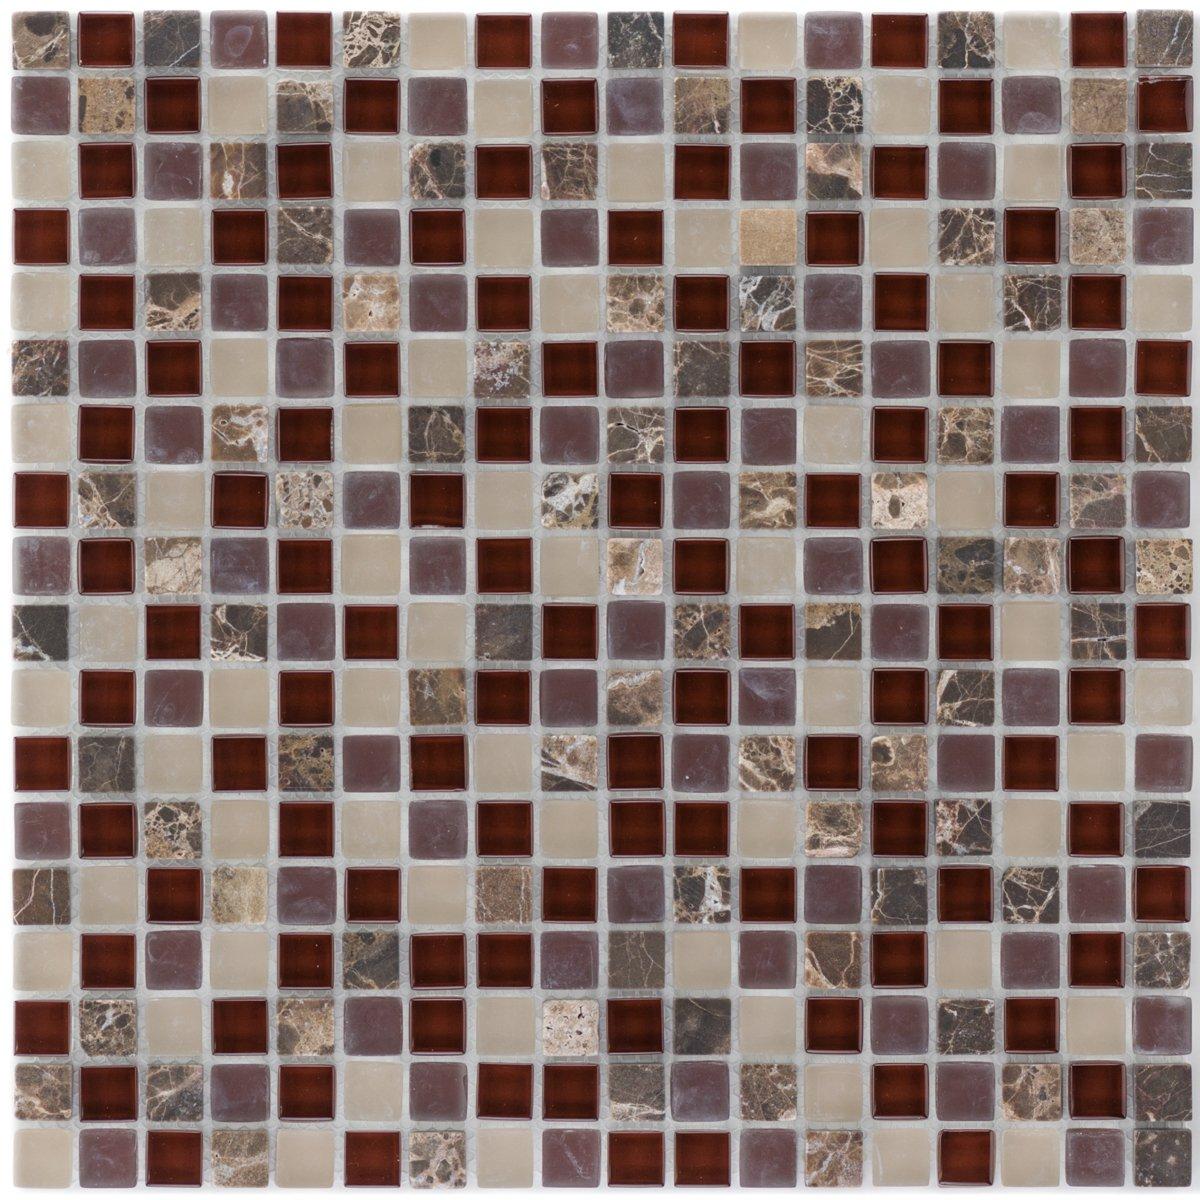 SK 47932 sklenené mozaikové dlaždice, hnedá, béžová